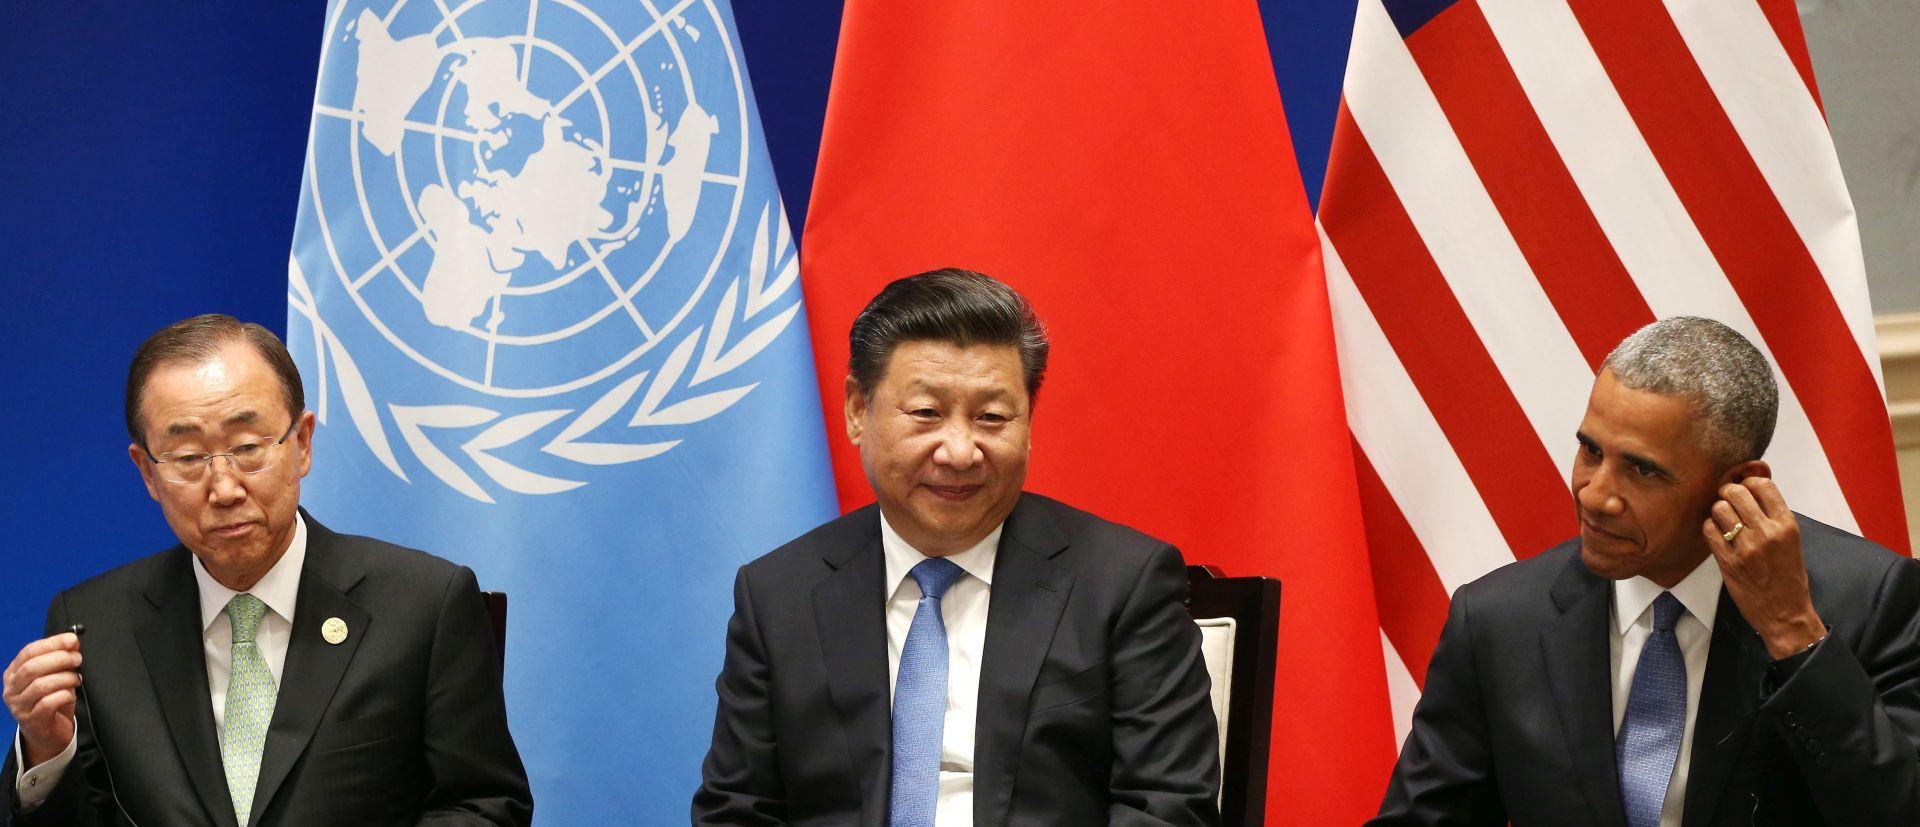 Sve zemlje skupine G20 pristupit će Pariškom sporazumu o klimi